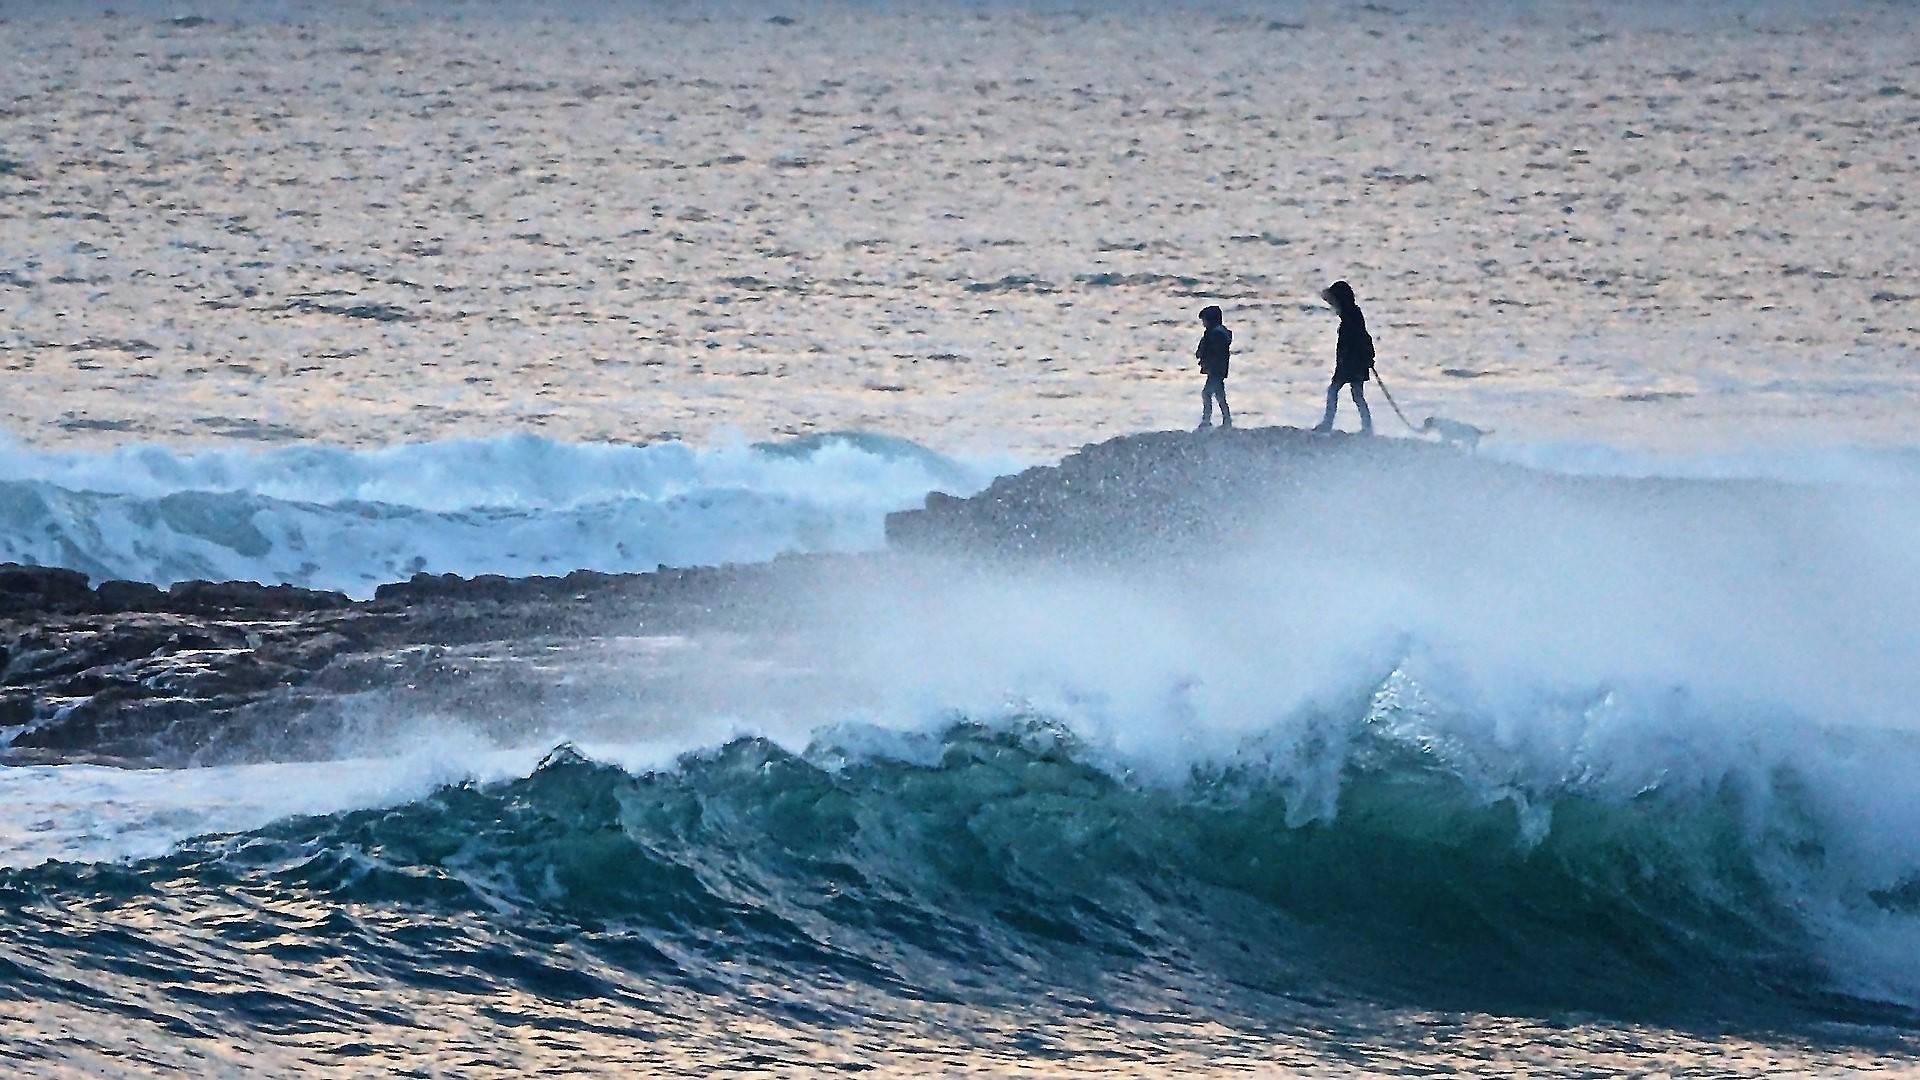 « Quelques minutes peuvent parfois suffire pour être isolé par la marée montante », préviennent les autorités maritimes - illustration © Pixabay